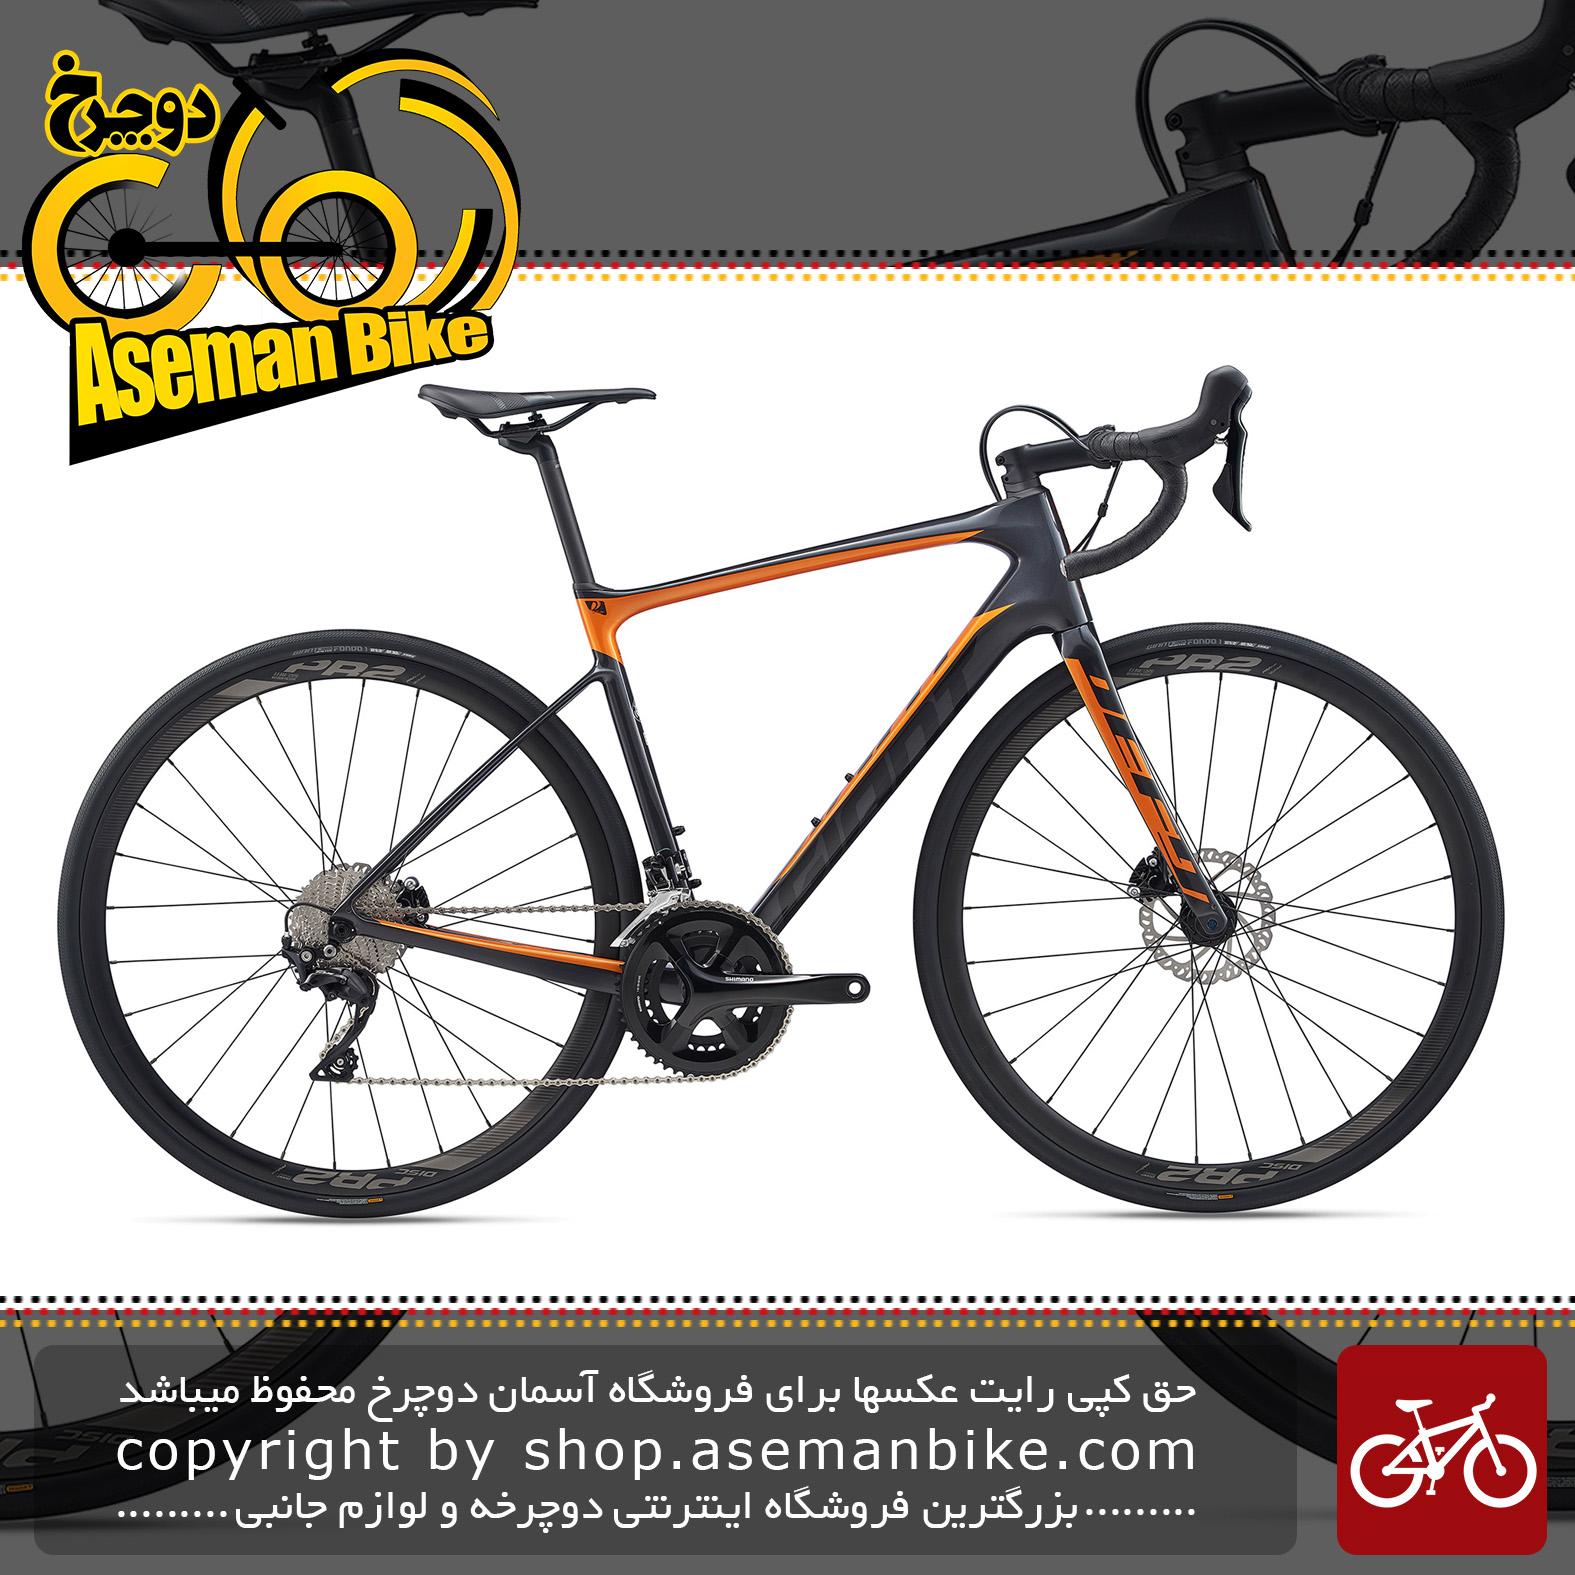 دوچرخه کورسی جاده جاینت مدل دیفای ادونس 2 2020 Giant Road Bicycle Defy Advanced 2 2020